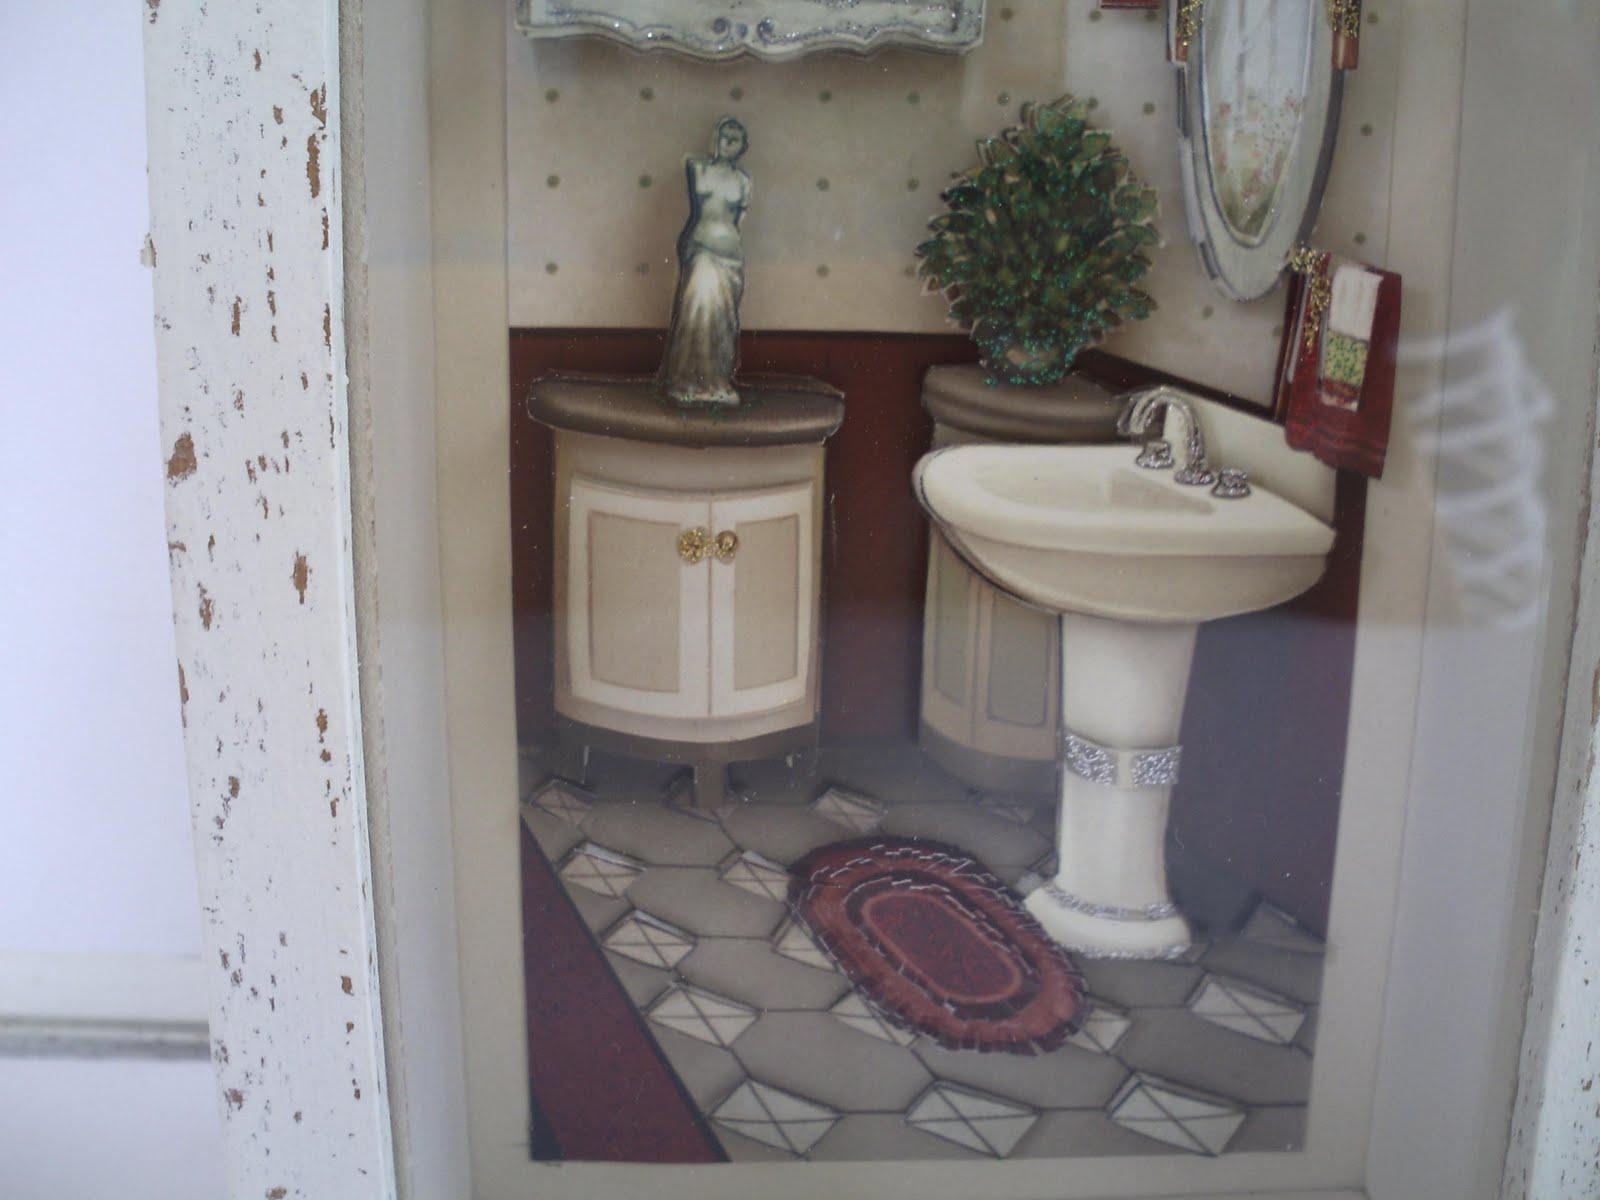 ARTEFATO BRASIL: Quadro banheiro arte francesa #515A7A 1600 1200